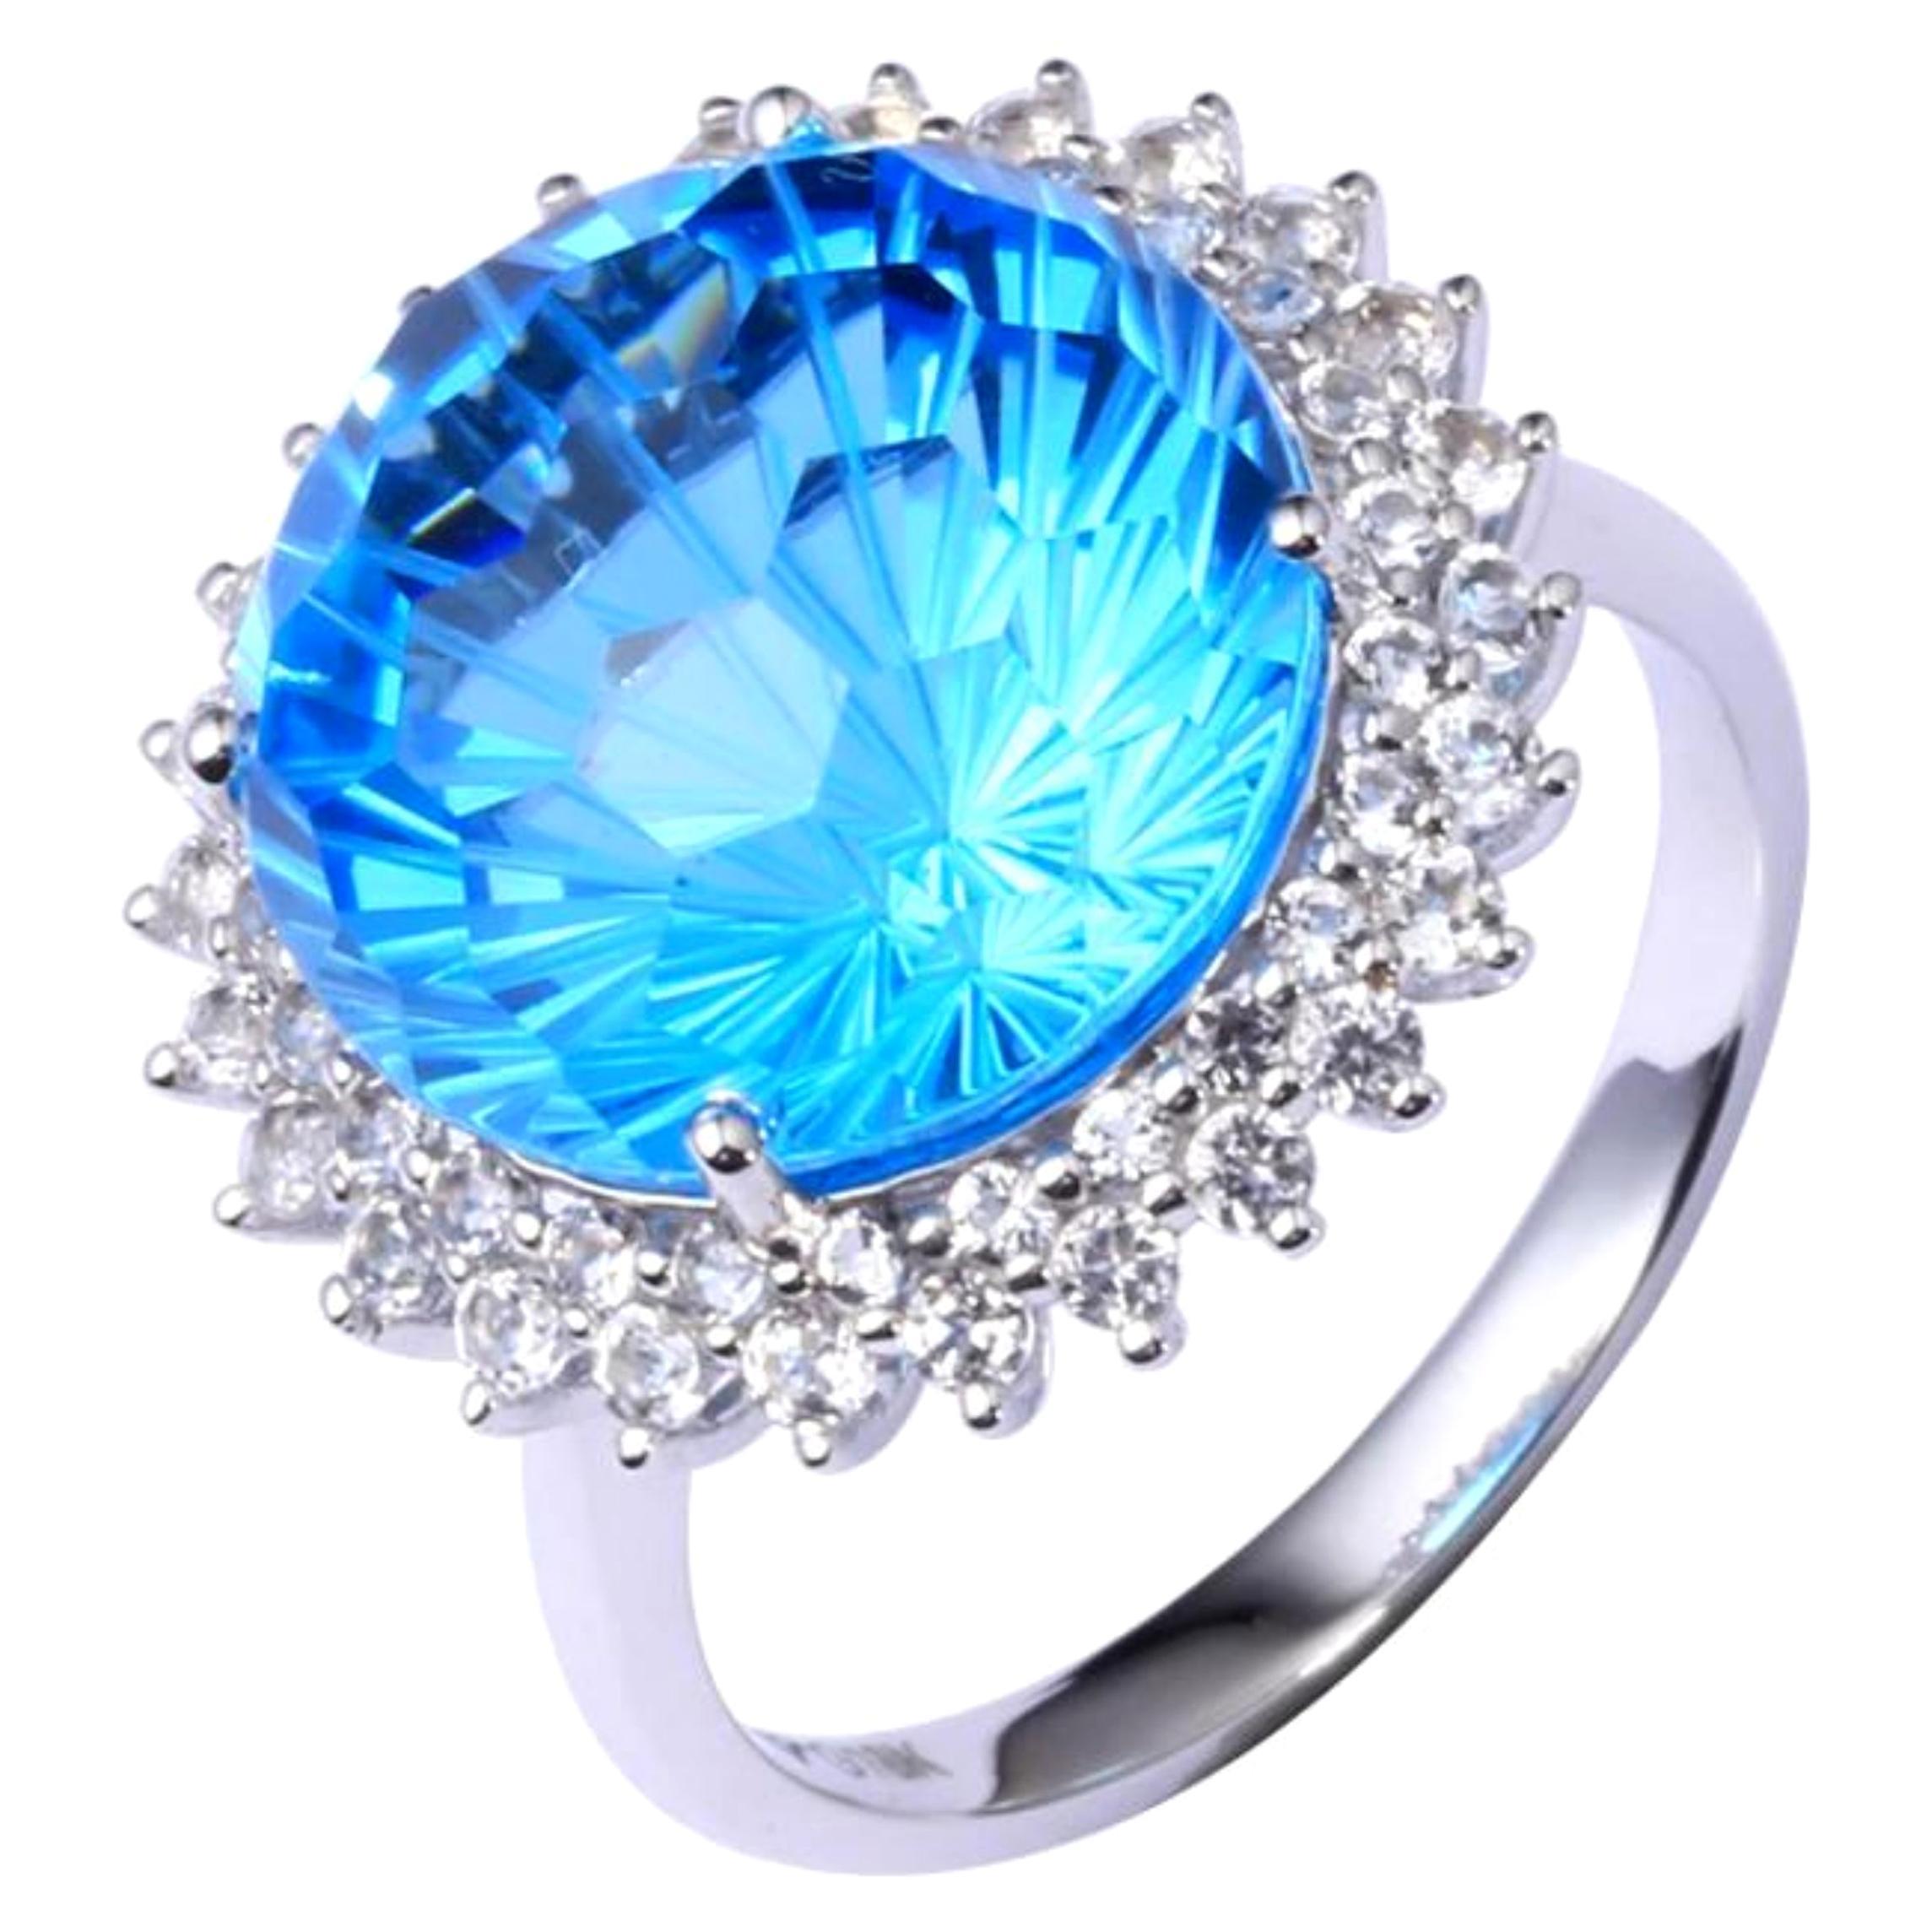 12 Carat Blue Topaz Diamond Ring 18 Karat White Gold